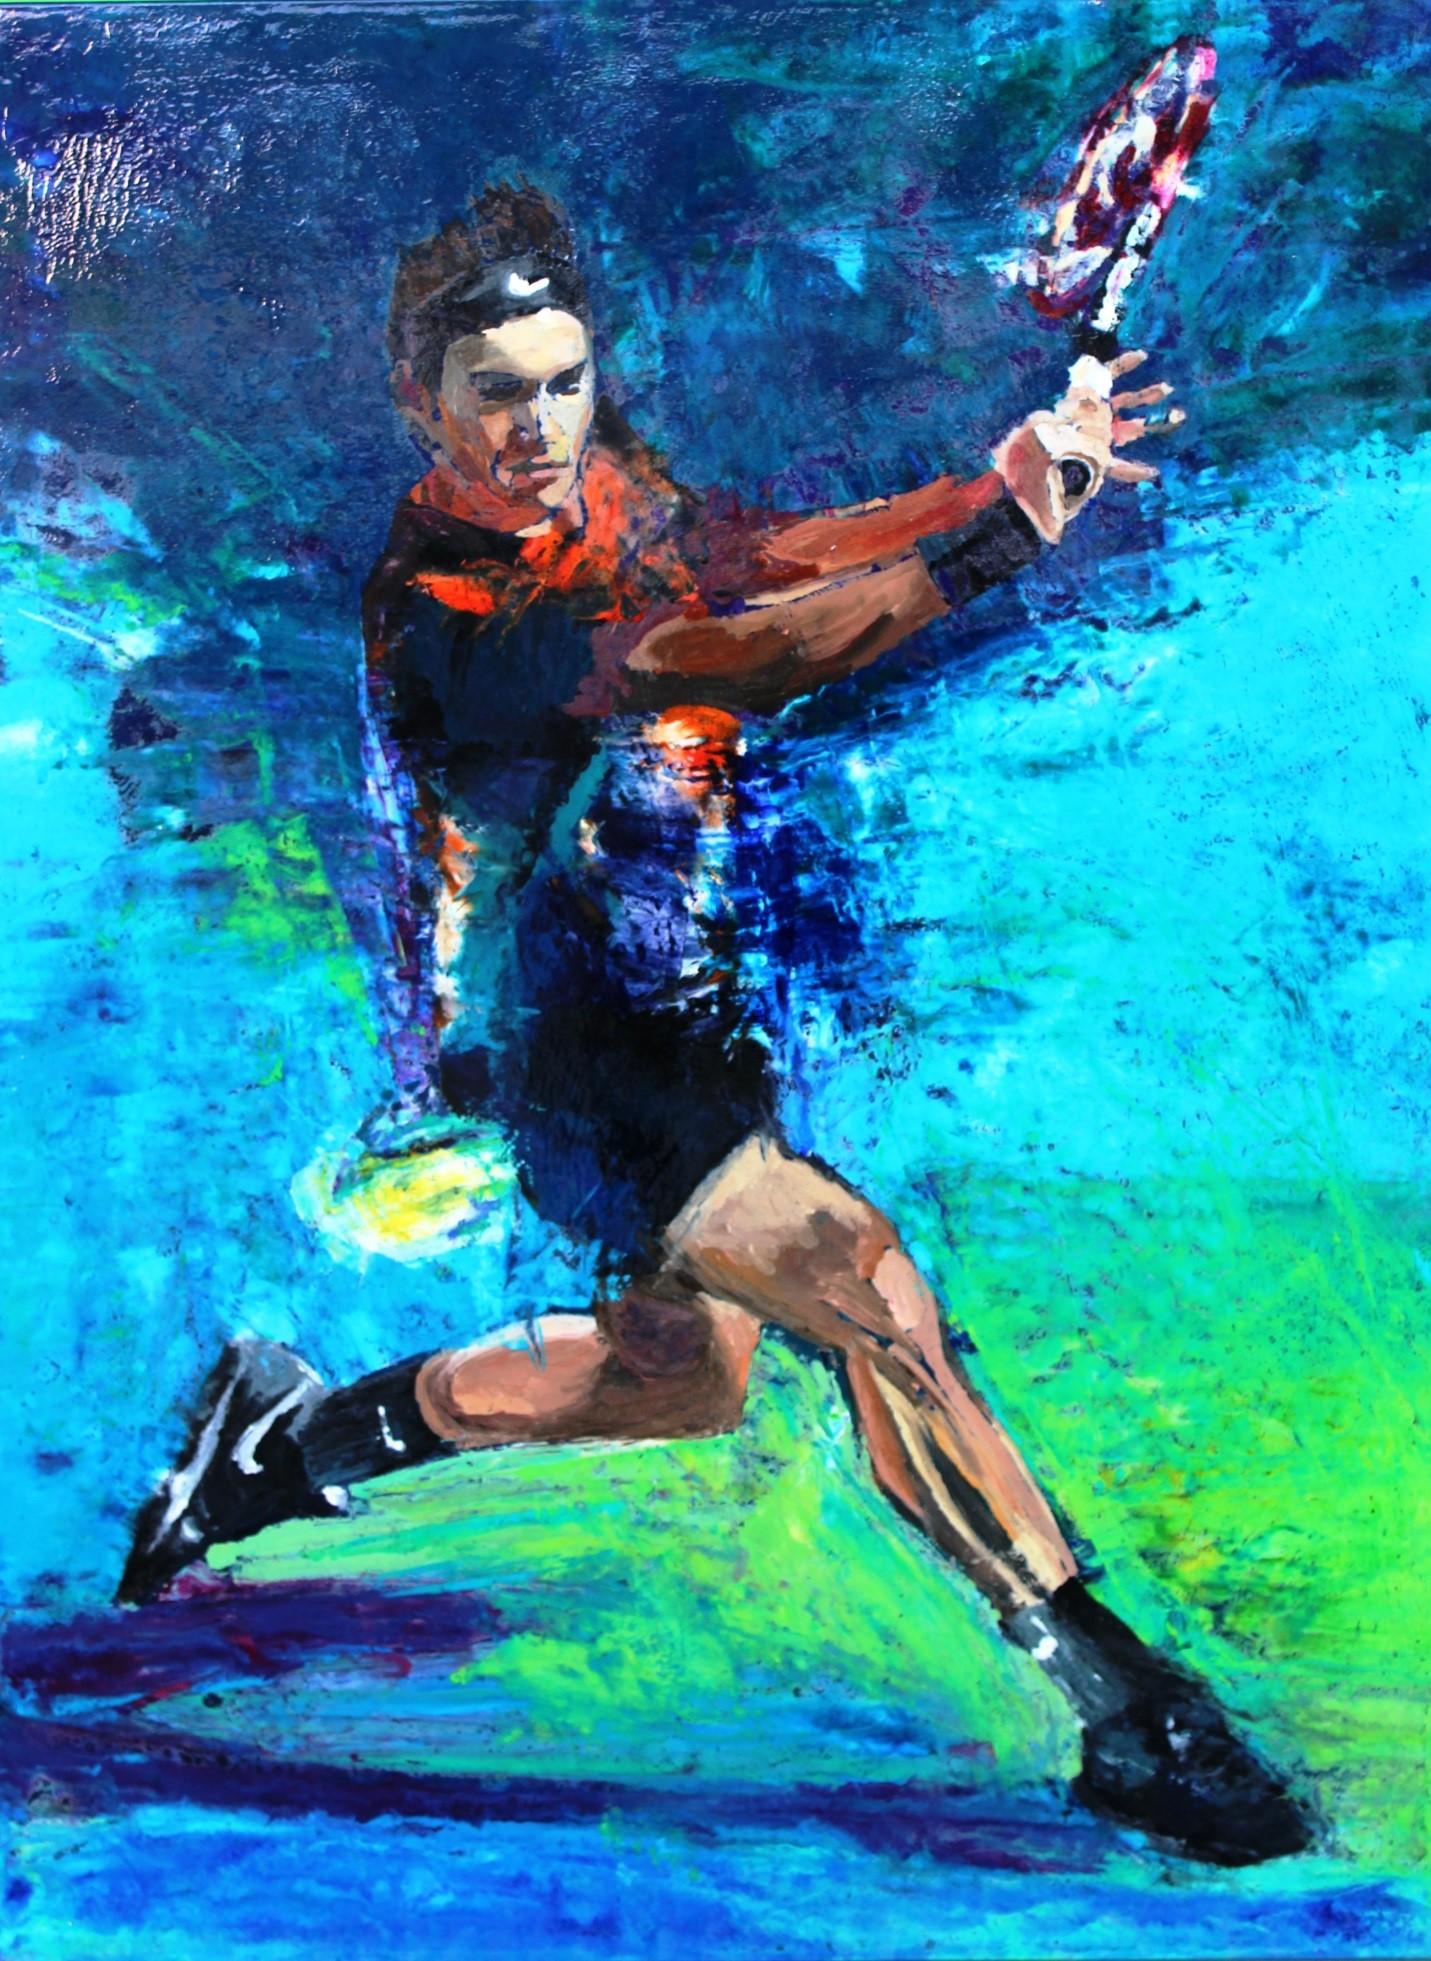 Roger Federer, 2007 US Open Champion